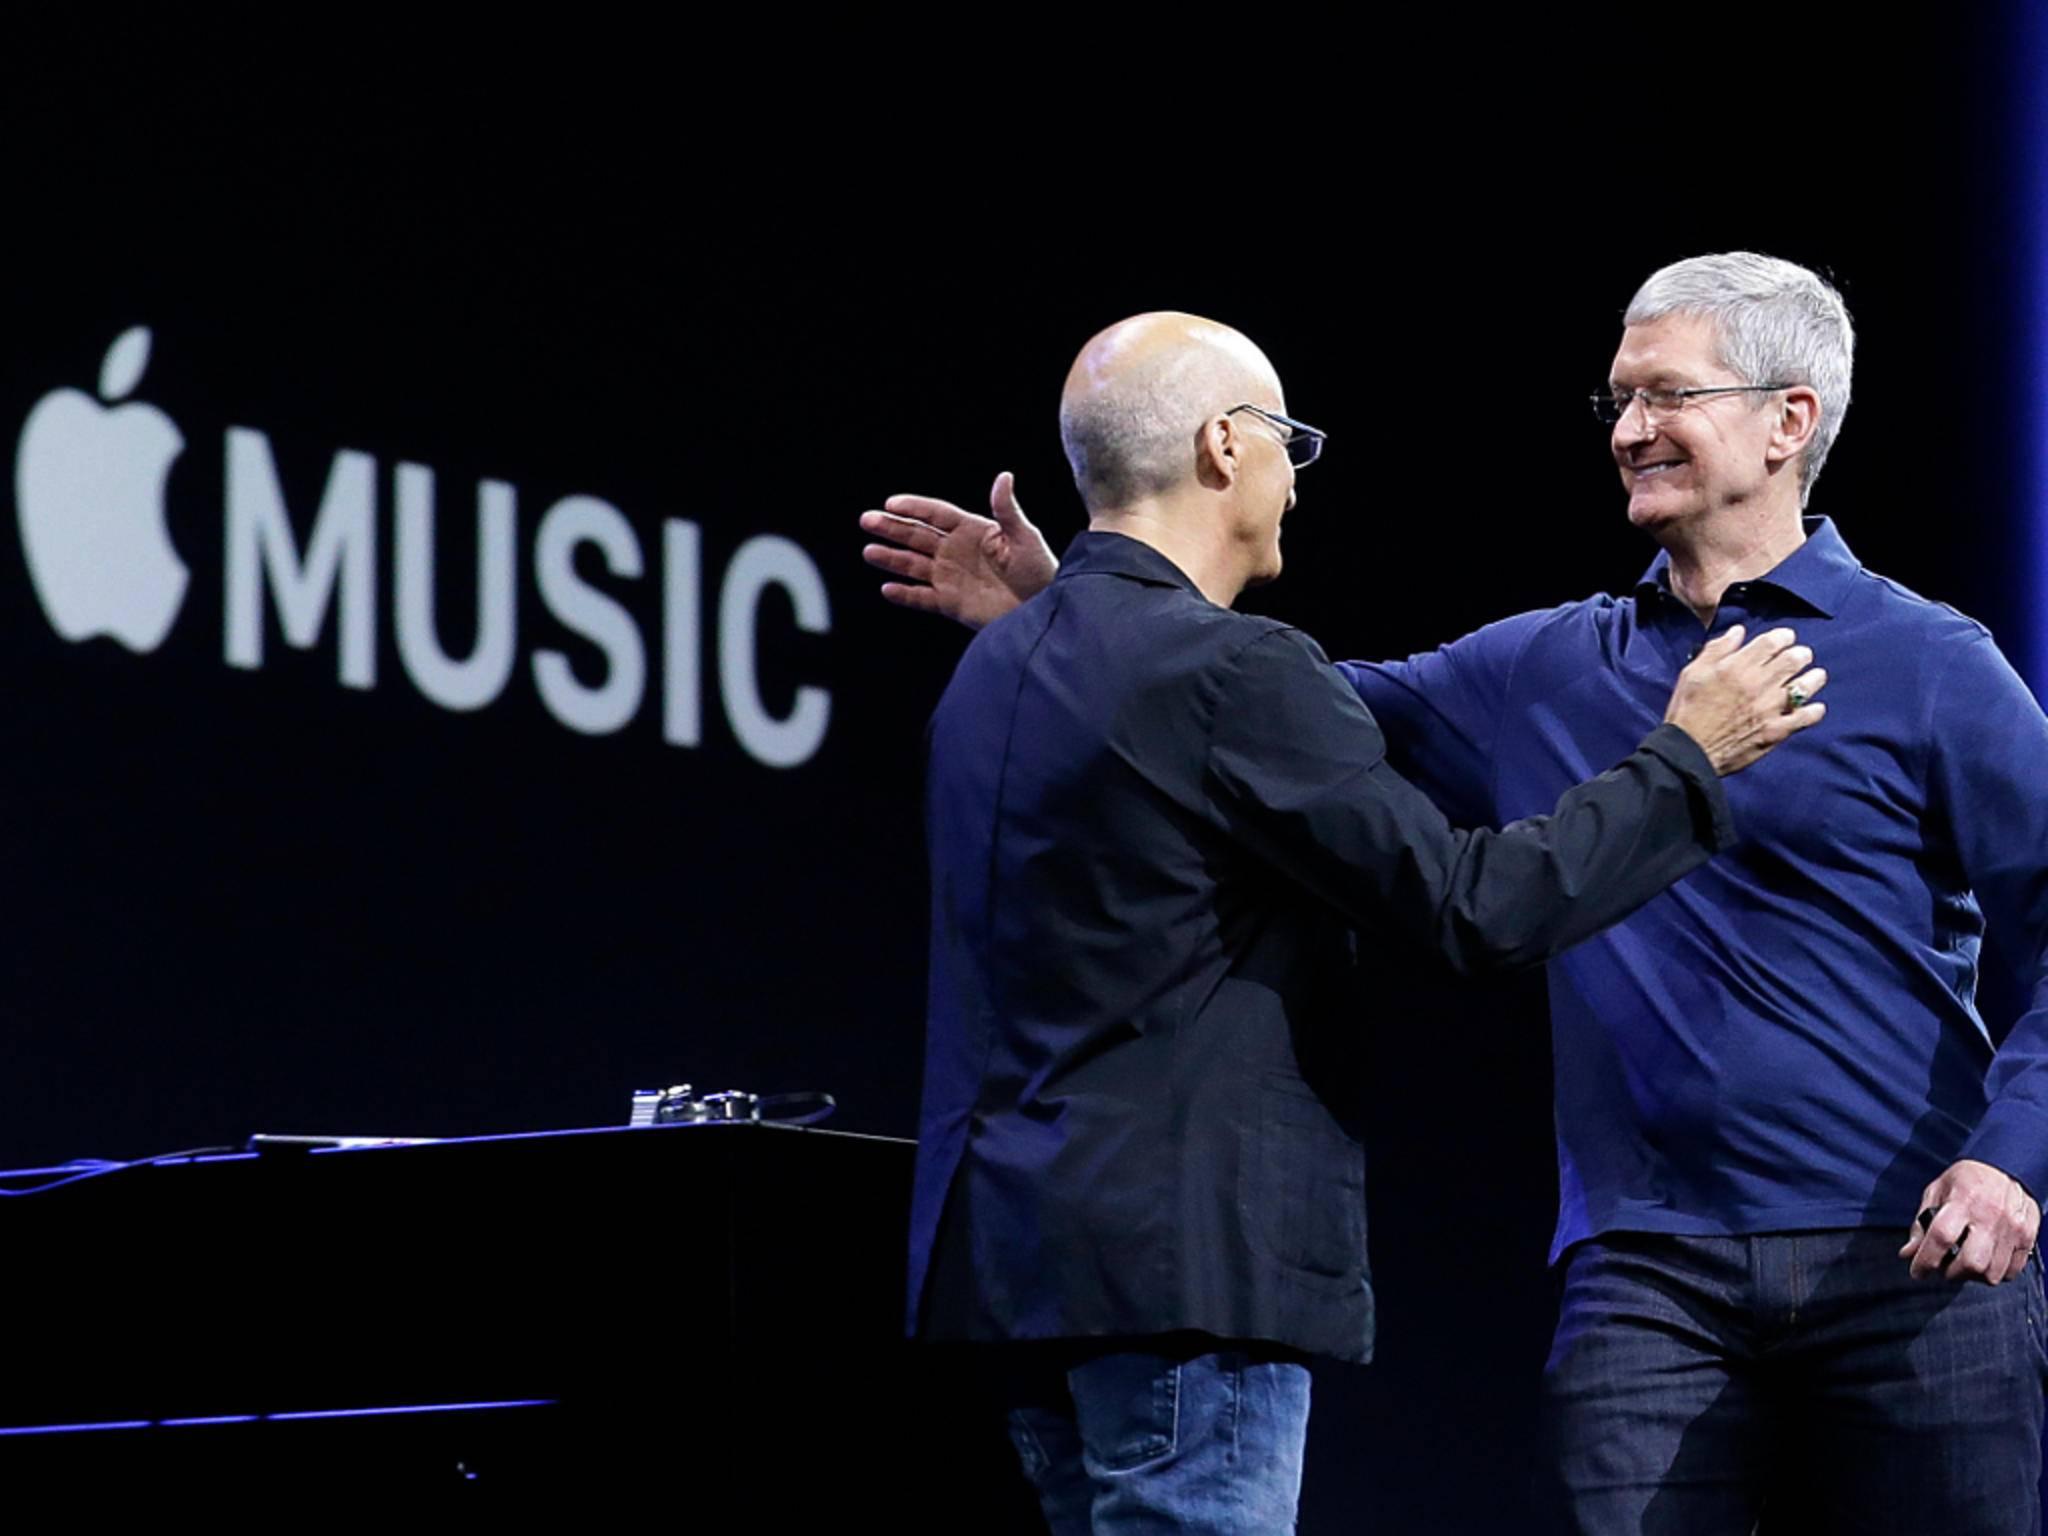 Tim Cook sieht Apple Music auf einem guten Weg.